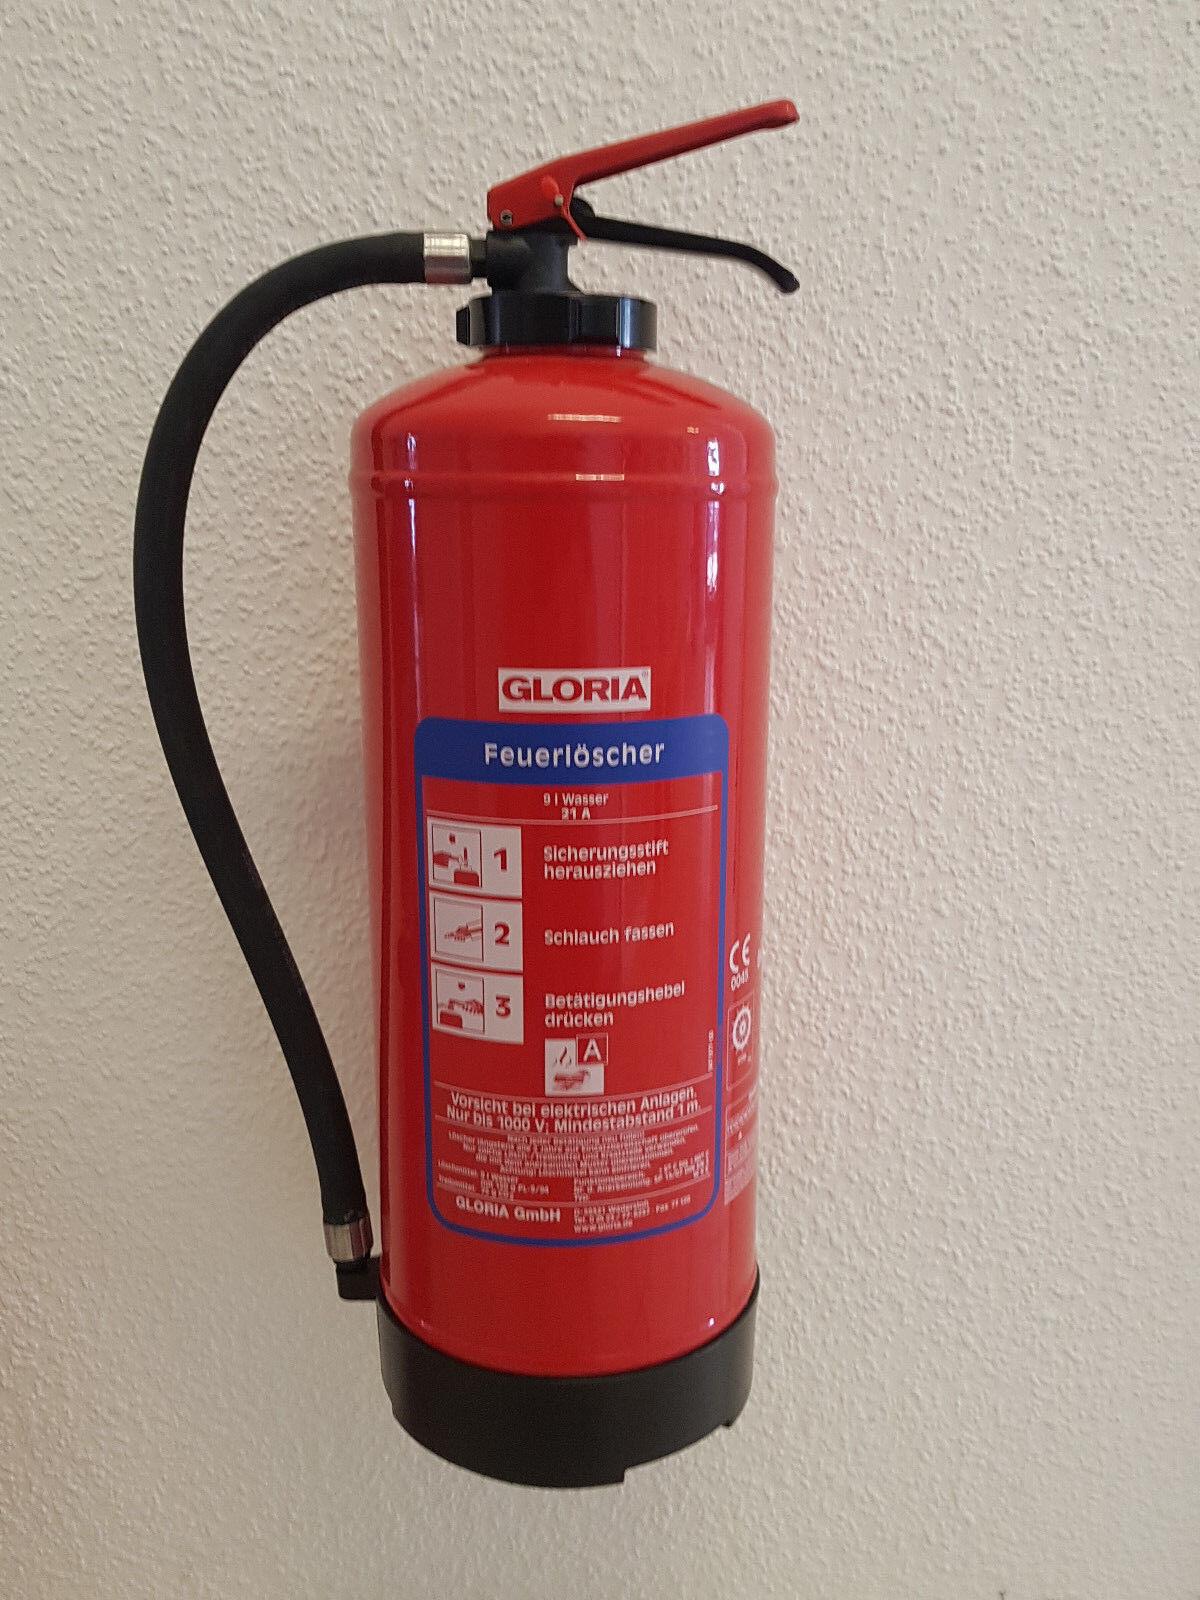 Feuerlöscher Gloria W9 Easy 9 Liter Wasser 27A